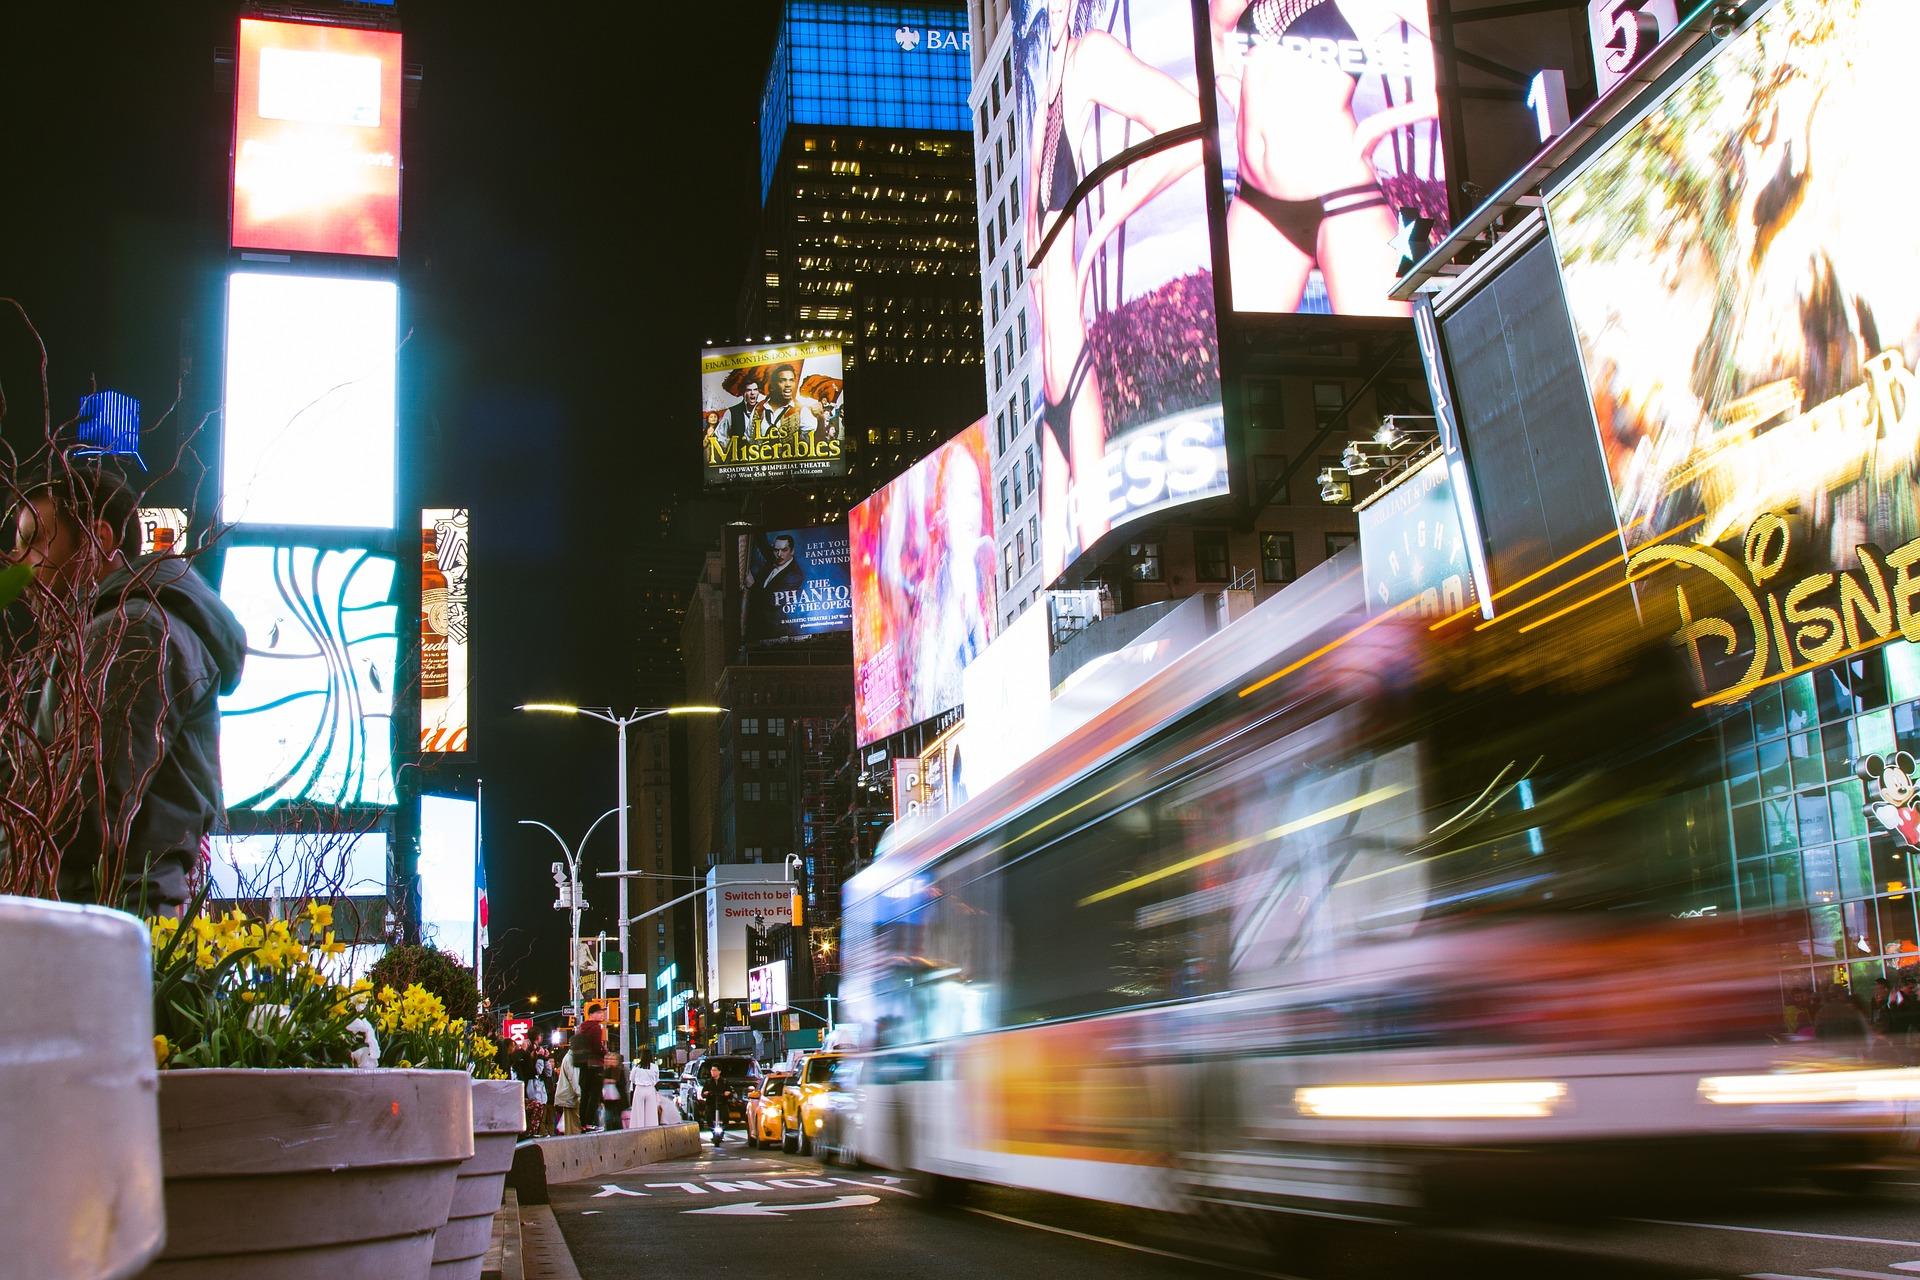 Vantaggi più importanti del Digital Signage per le aziende